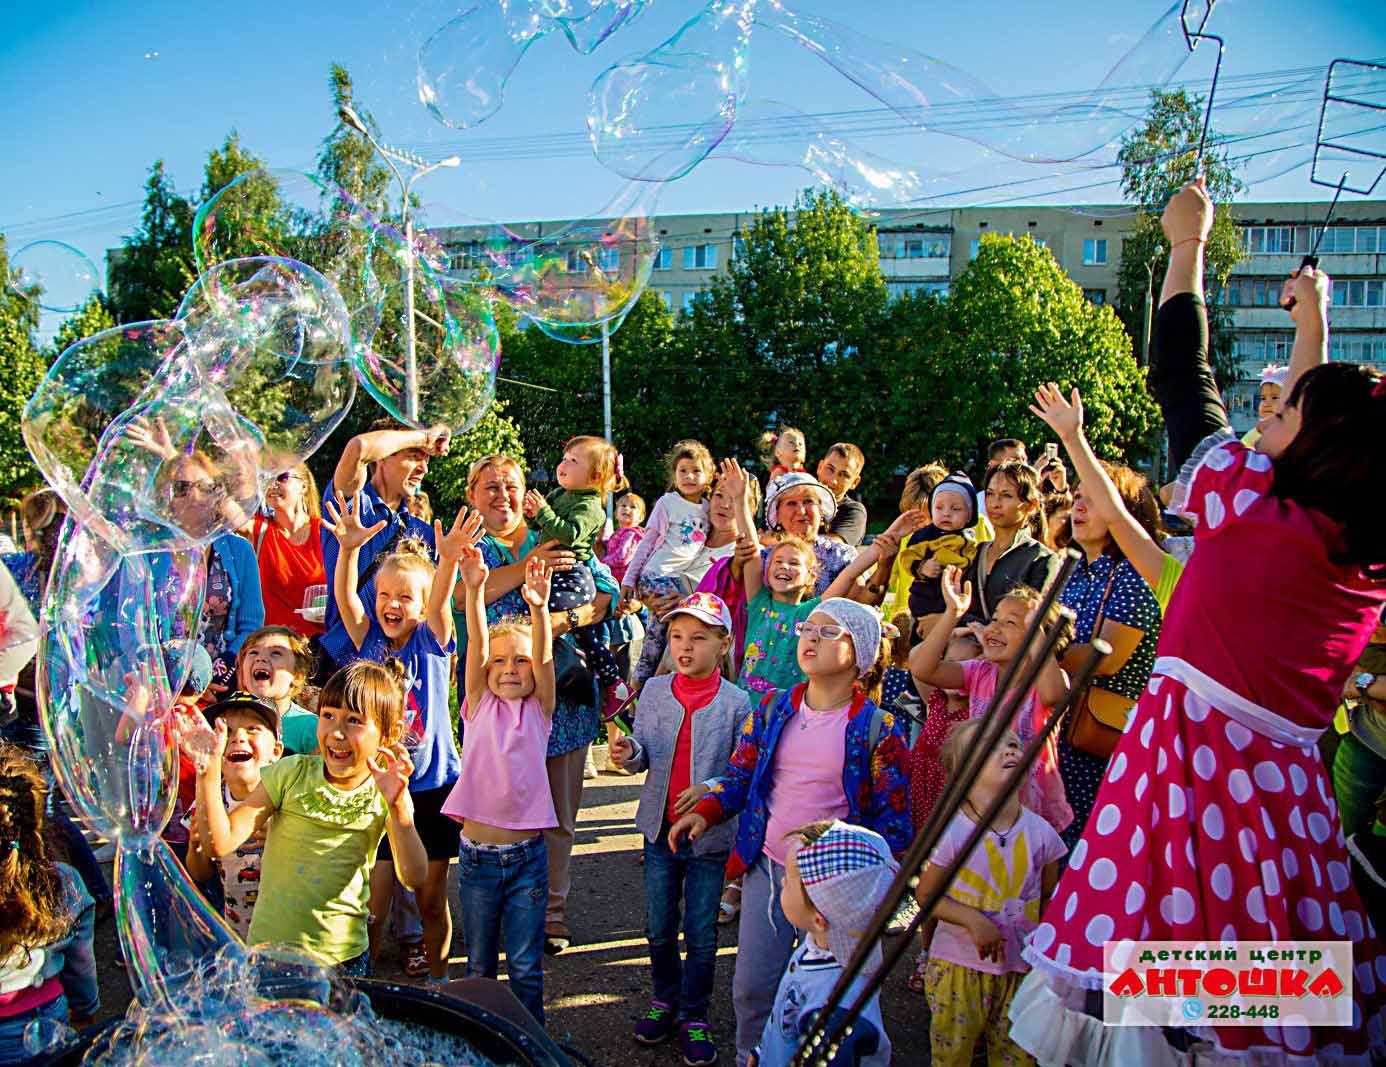 Развлекательный Детский центр проводит День рождения детский Конкурсы на день рождения Новогодние программы Анимационные программы